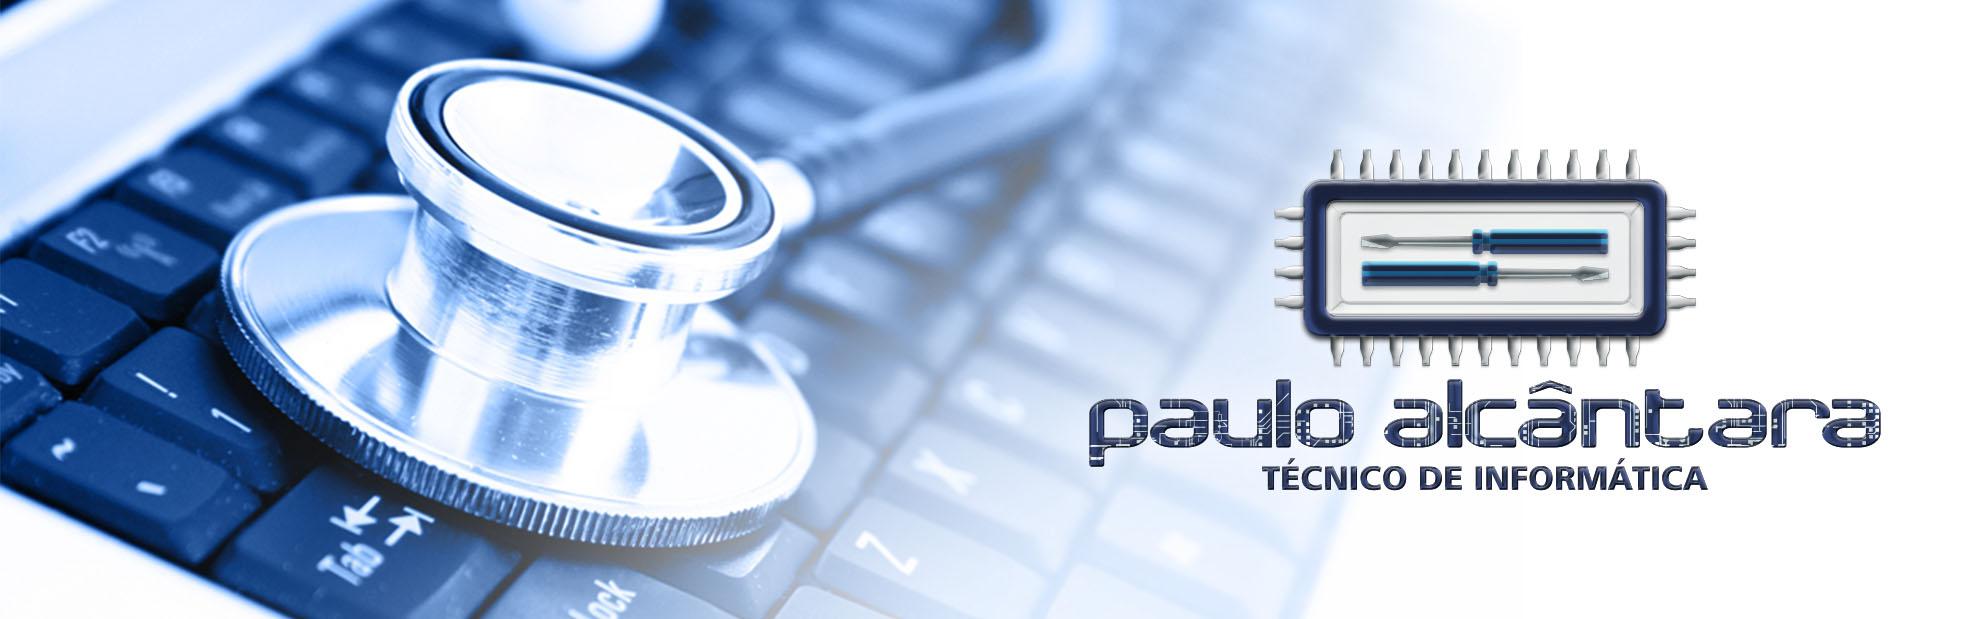 paulo-alcantara-informatica-1